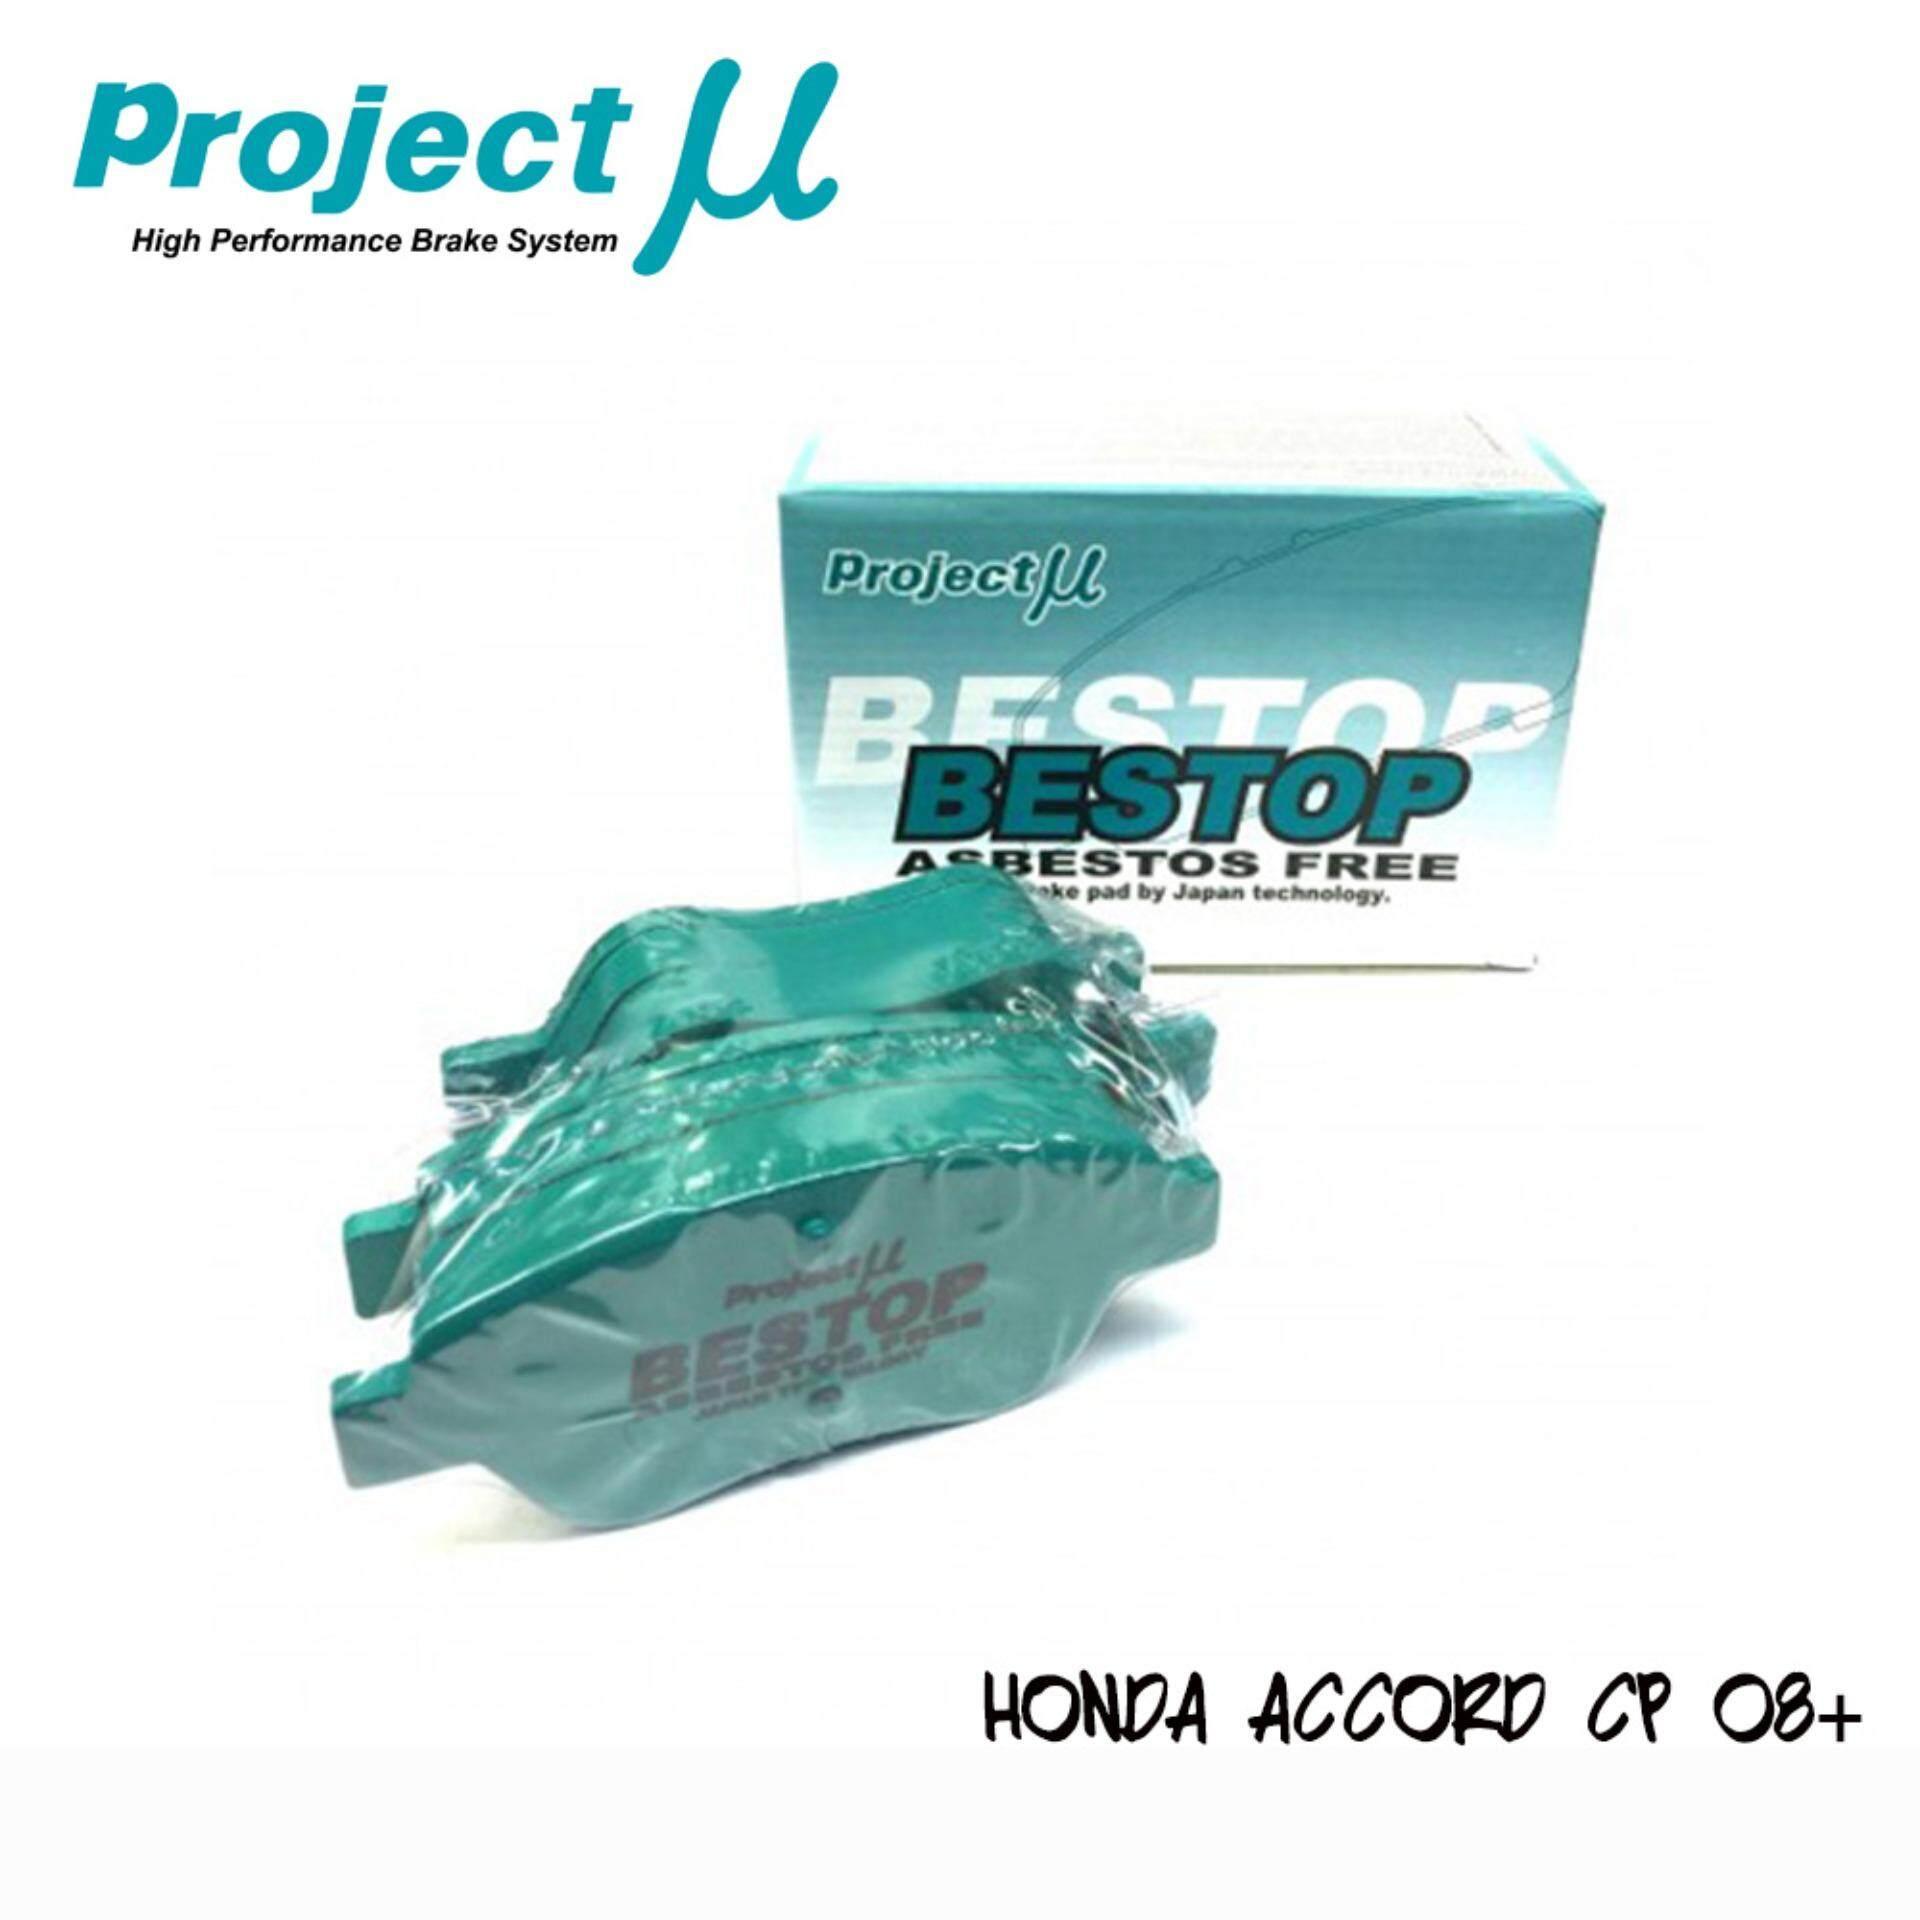 PMU ASIA BESTOP - HONDA ACCORD CP 08+ BRAKE PAD (PMA8390)